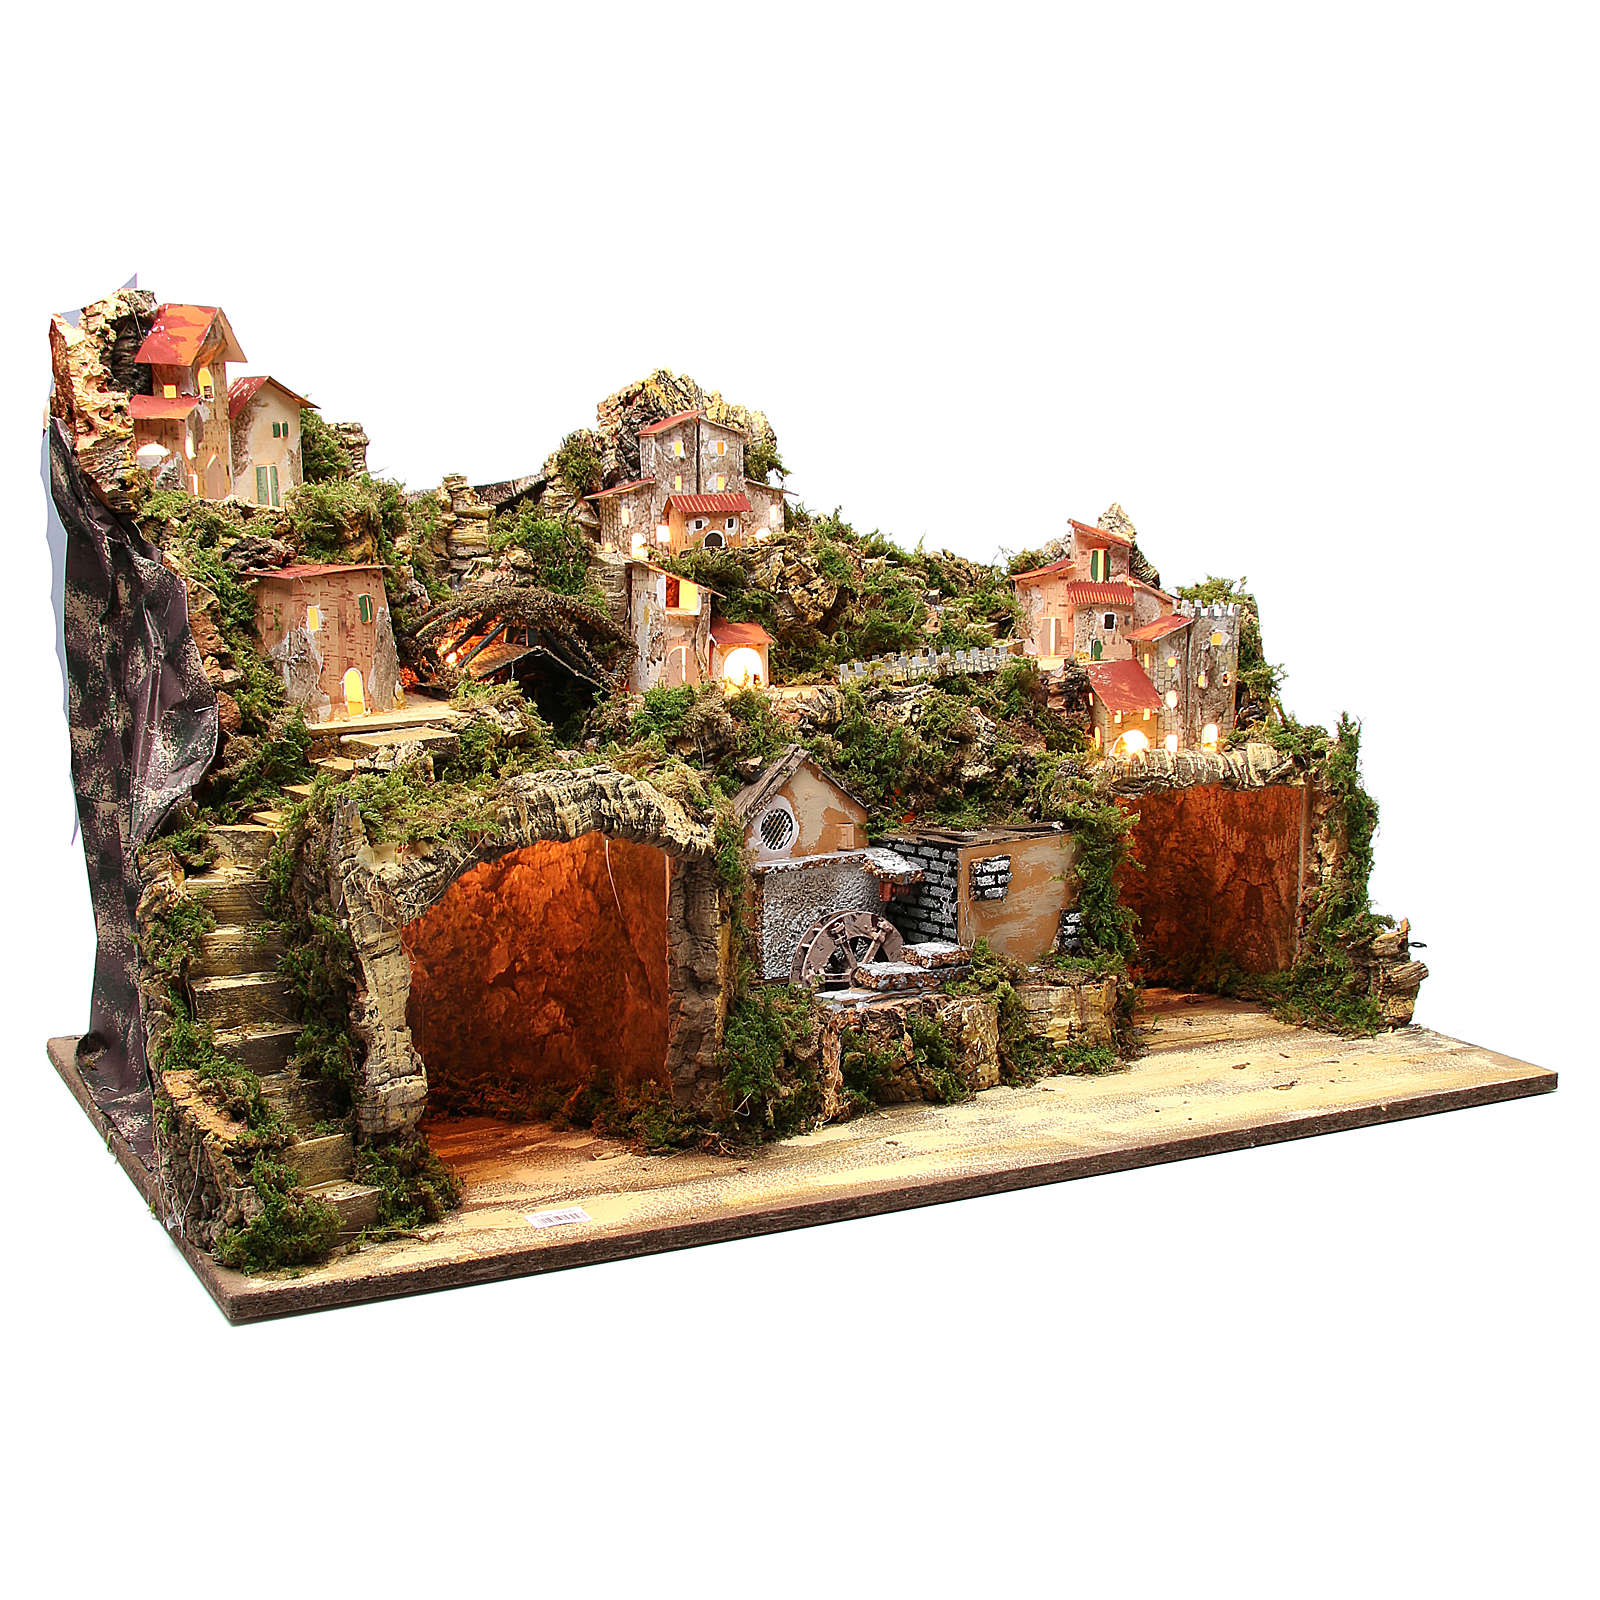 Borgo presepe rustico con grotta mulino luci 50x80x50 cm 4